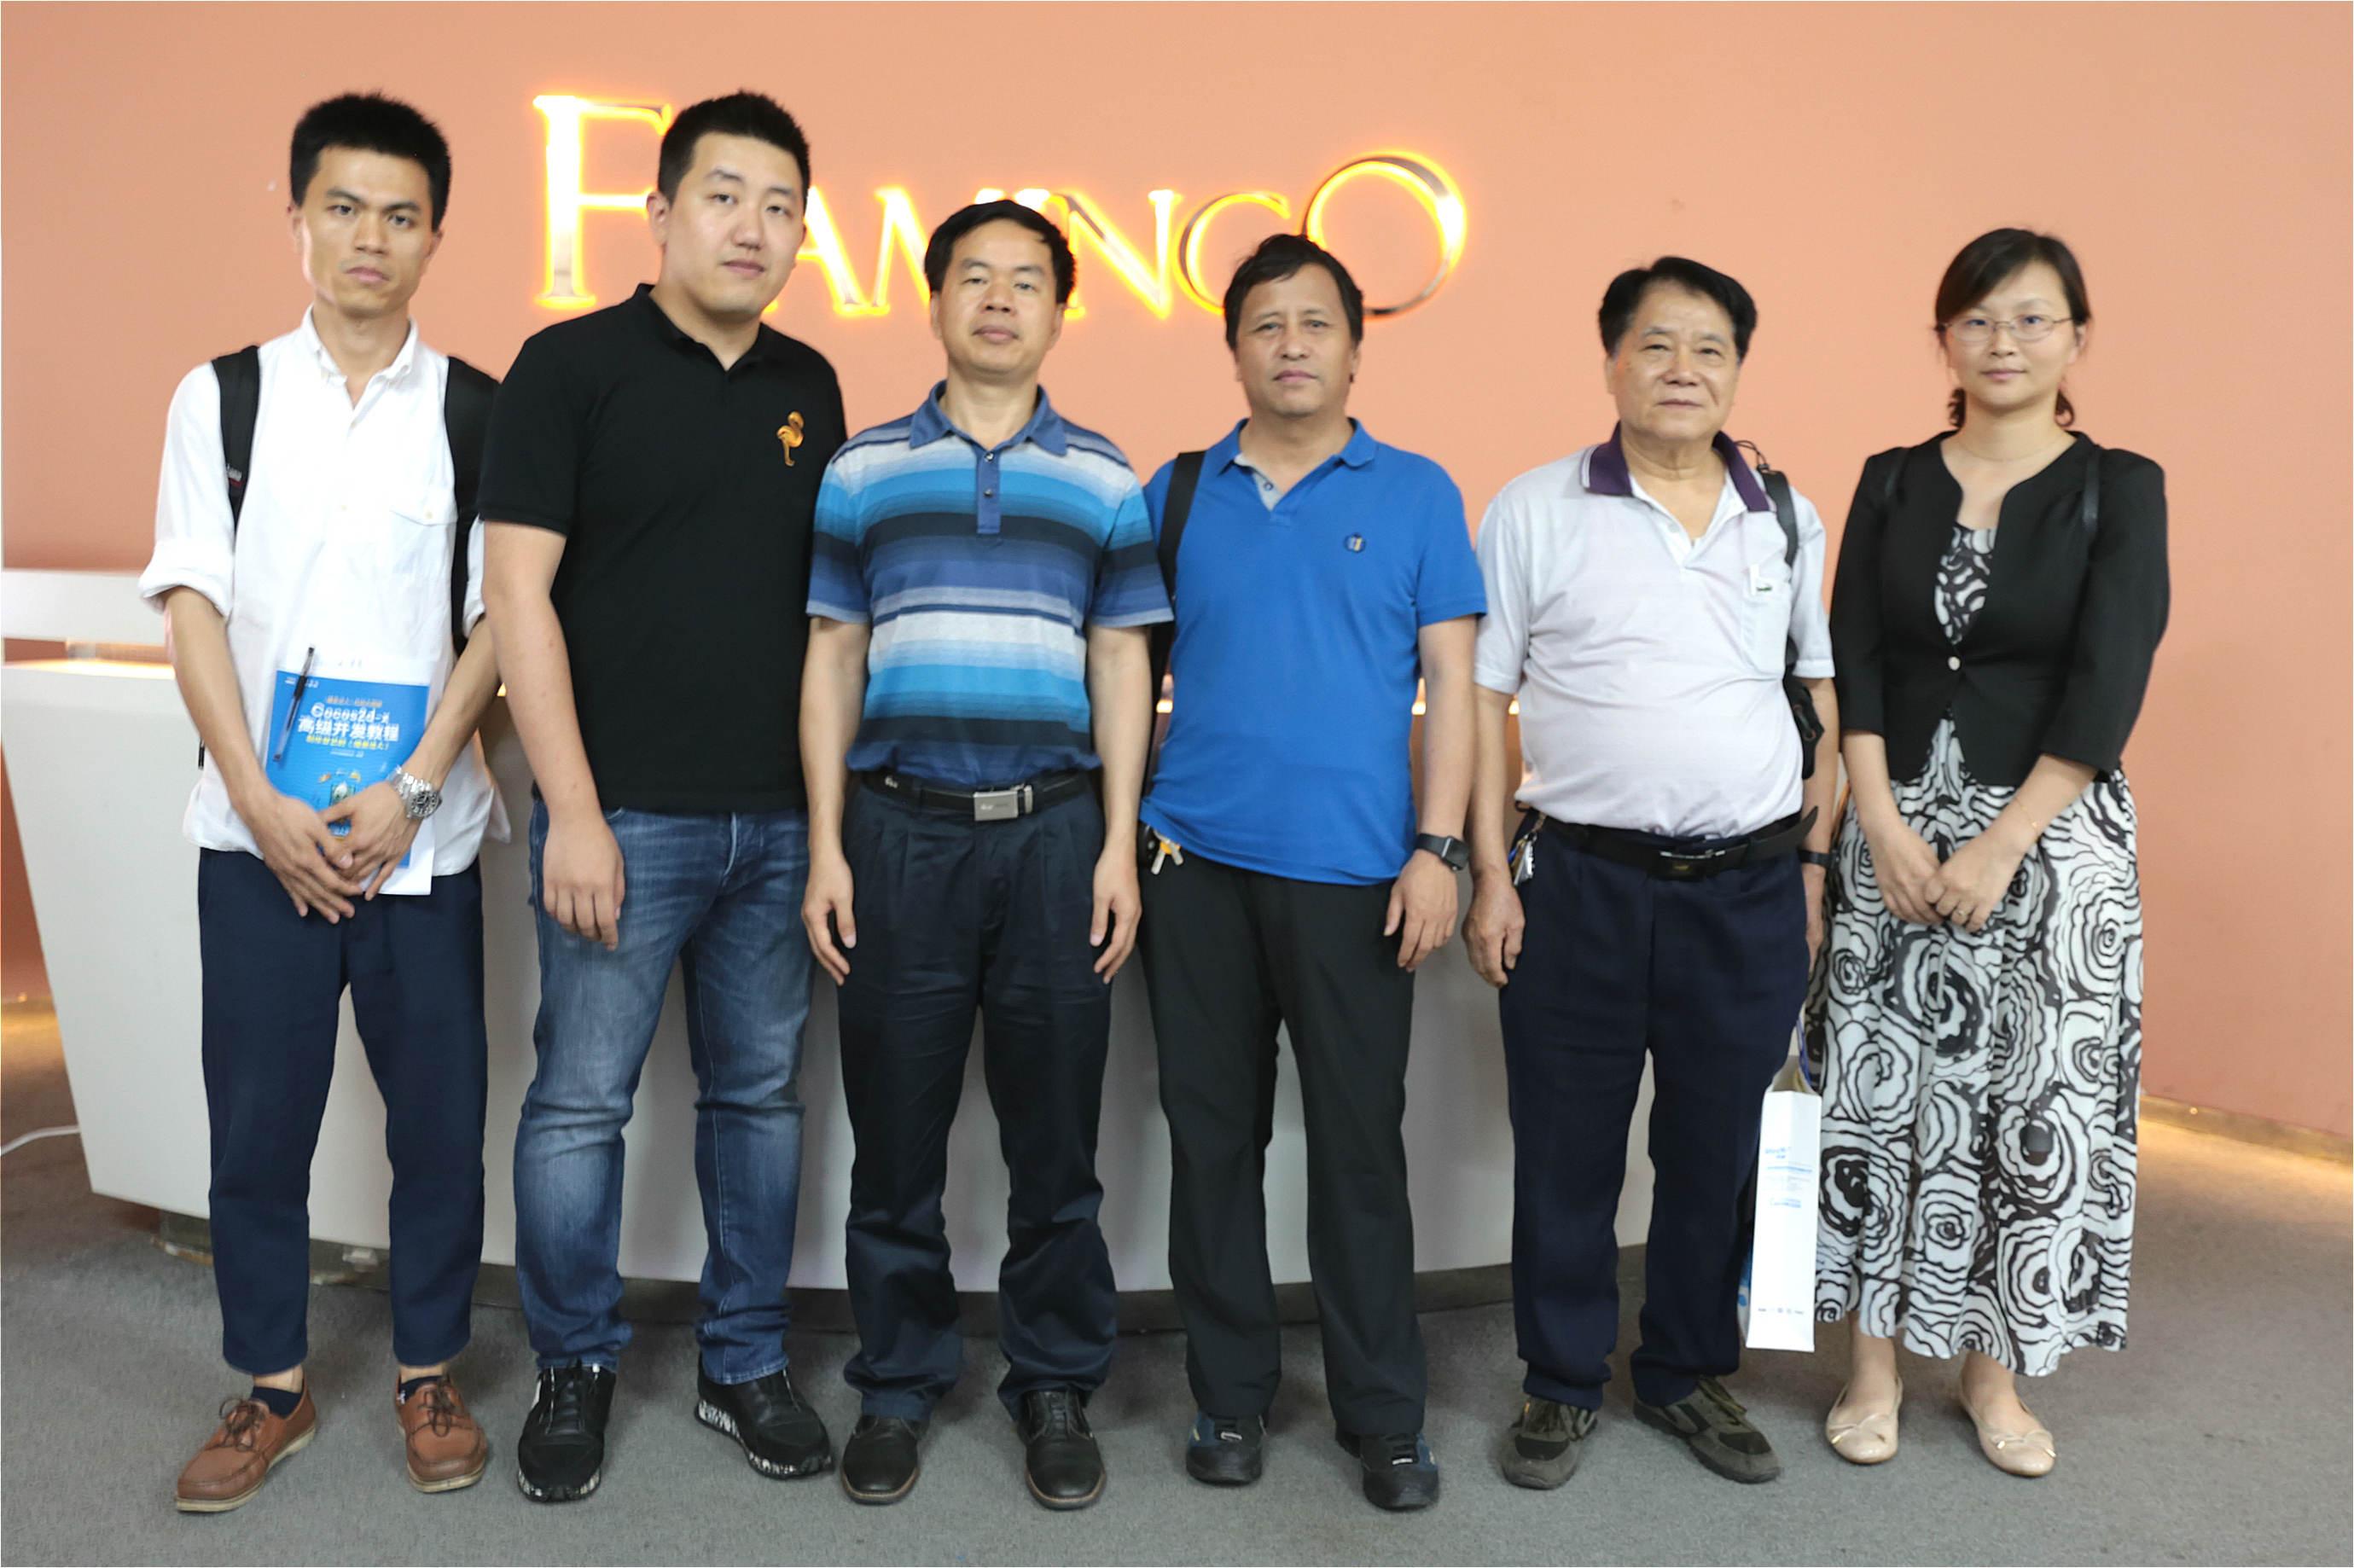 火烈鸟网络与华南理工大学举行大学生实习实训基地挂牌仪式